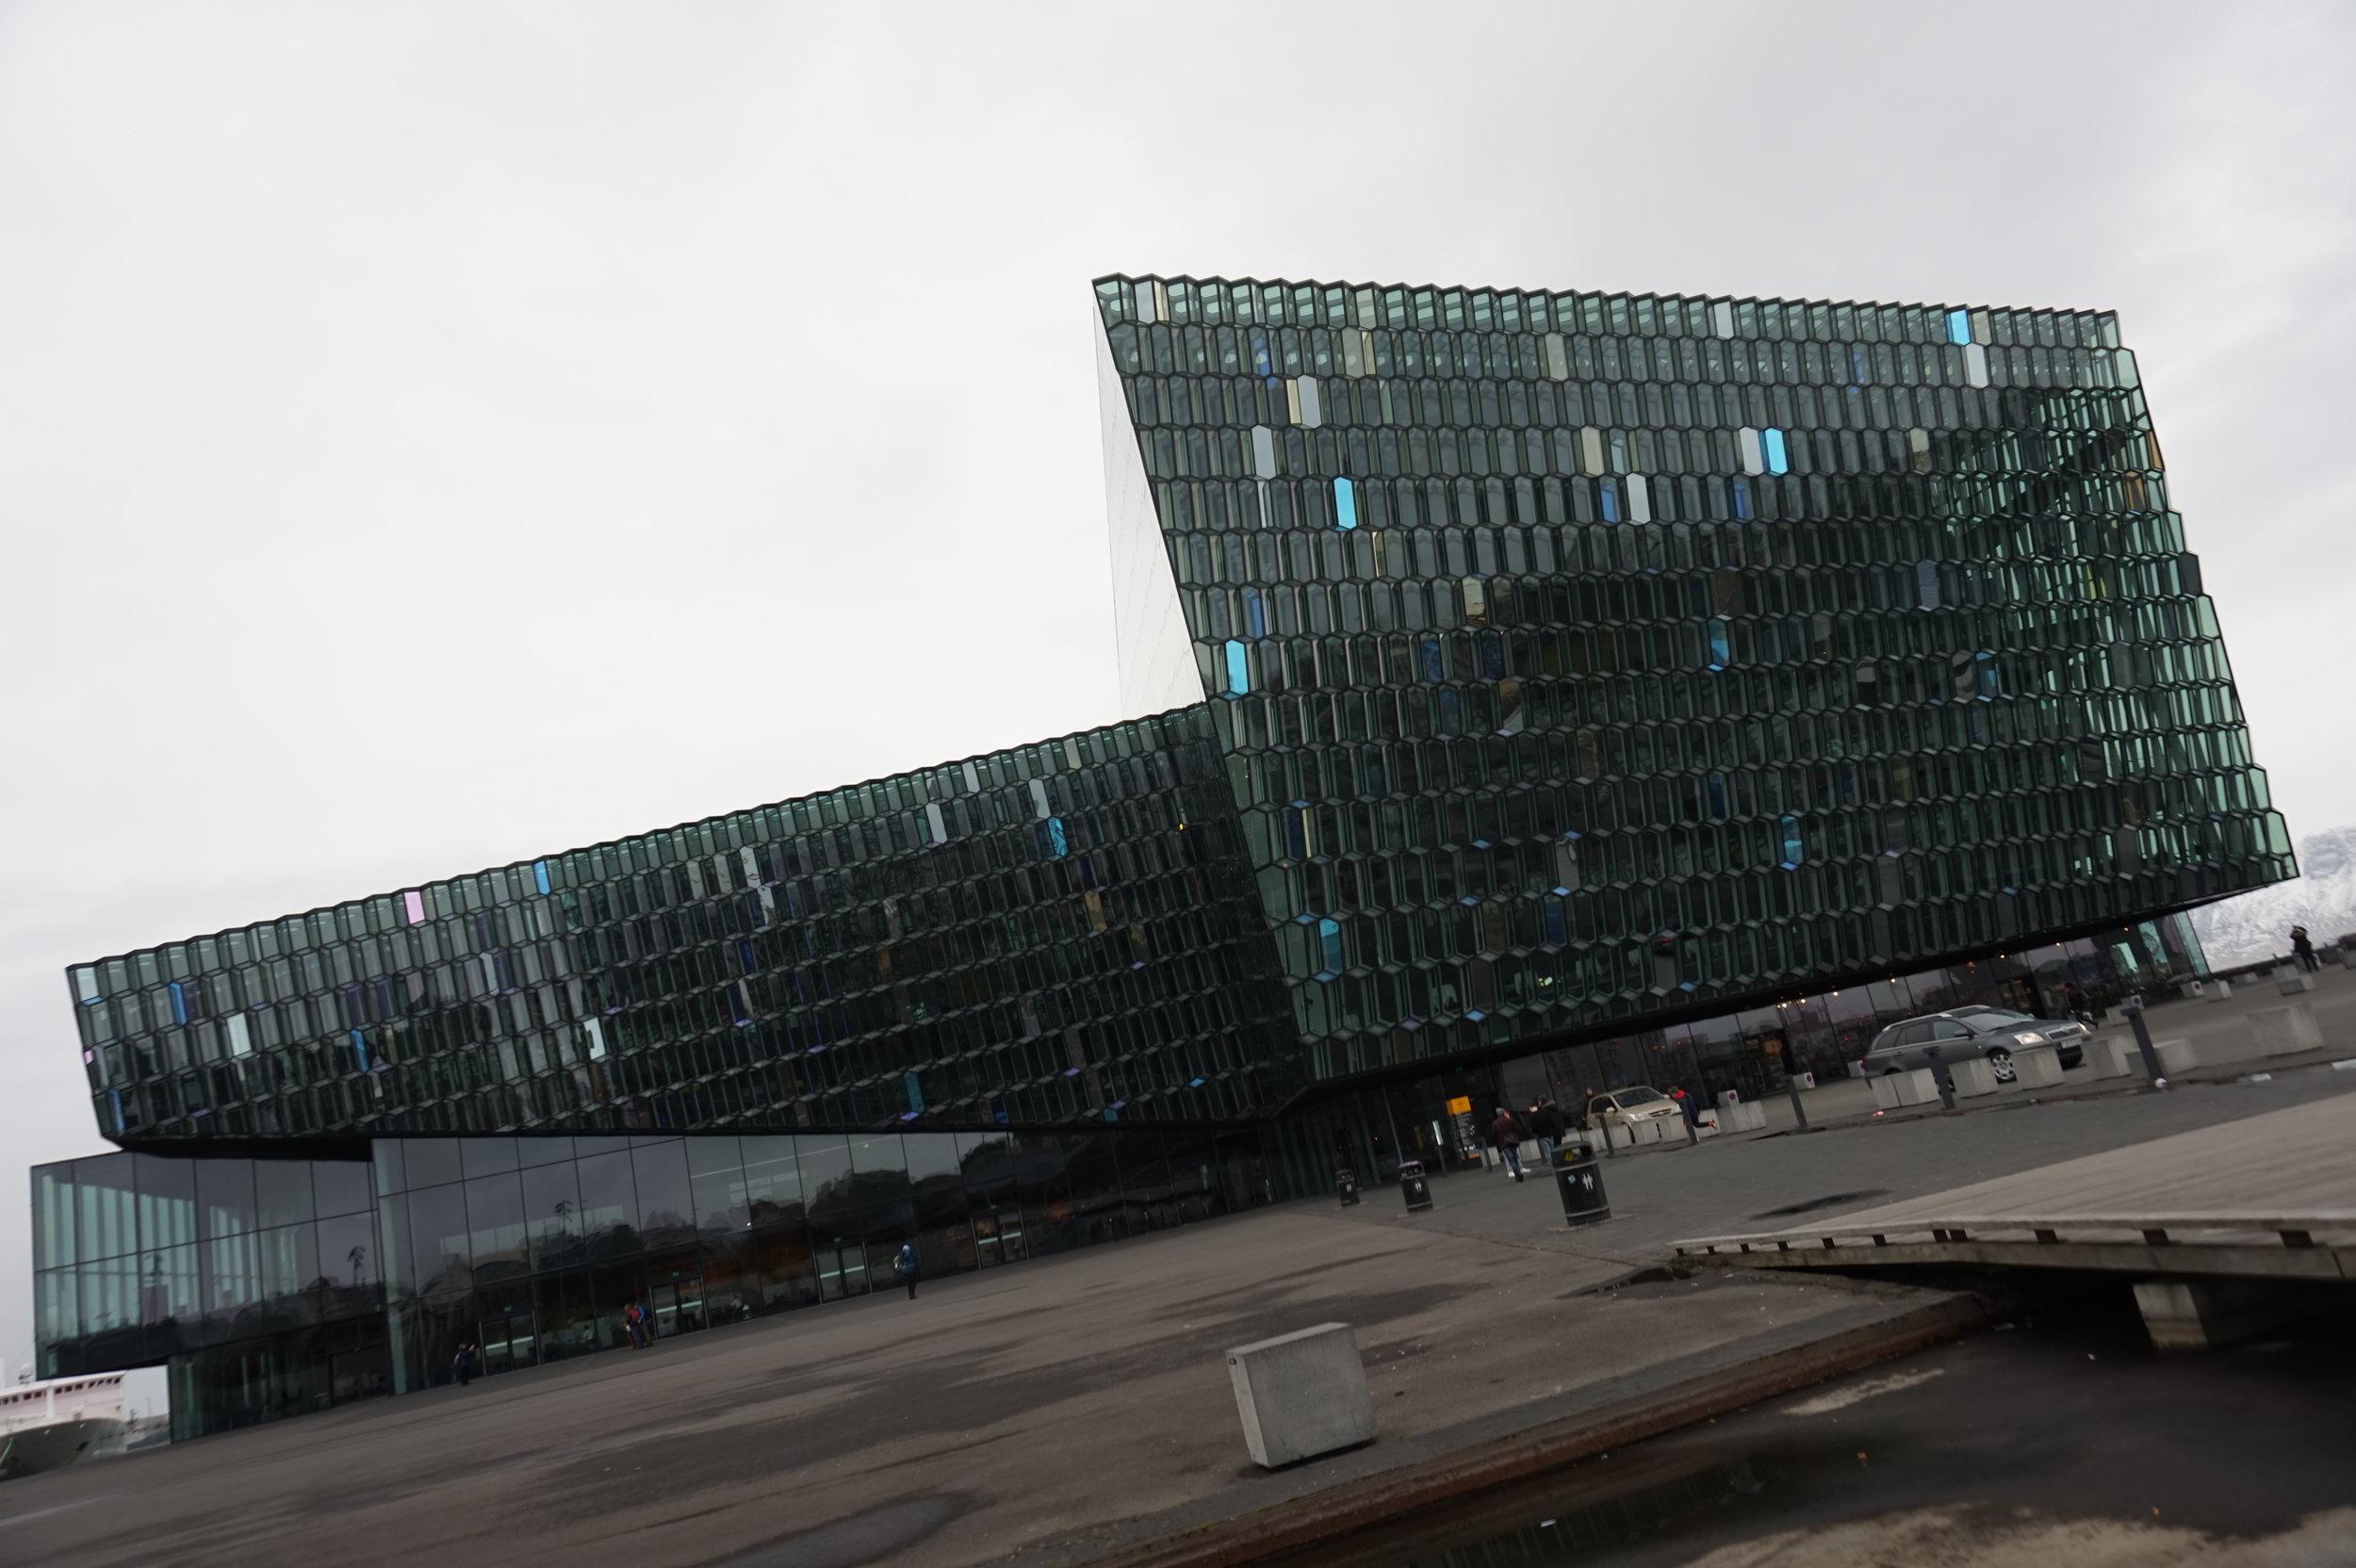 Harpa-Arena-Reykjavik-Iceland